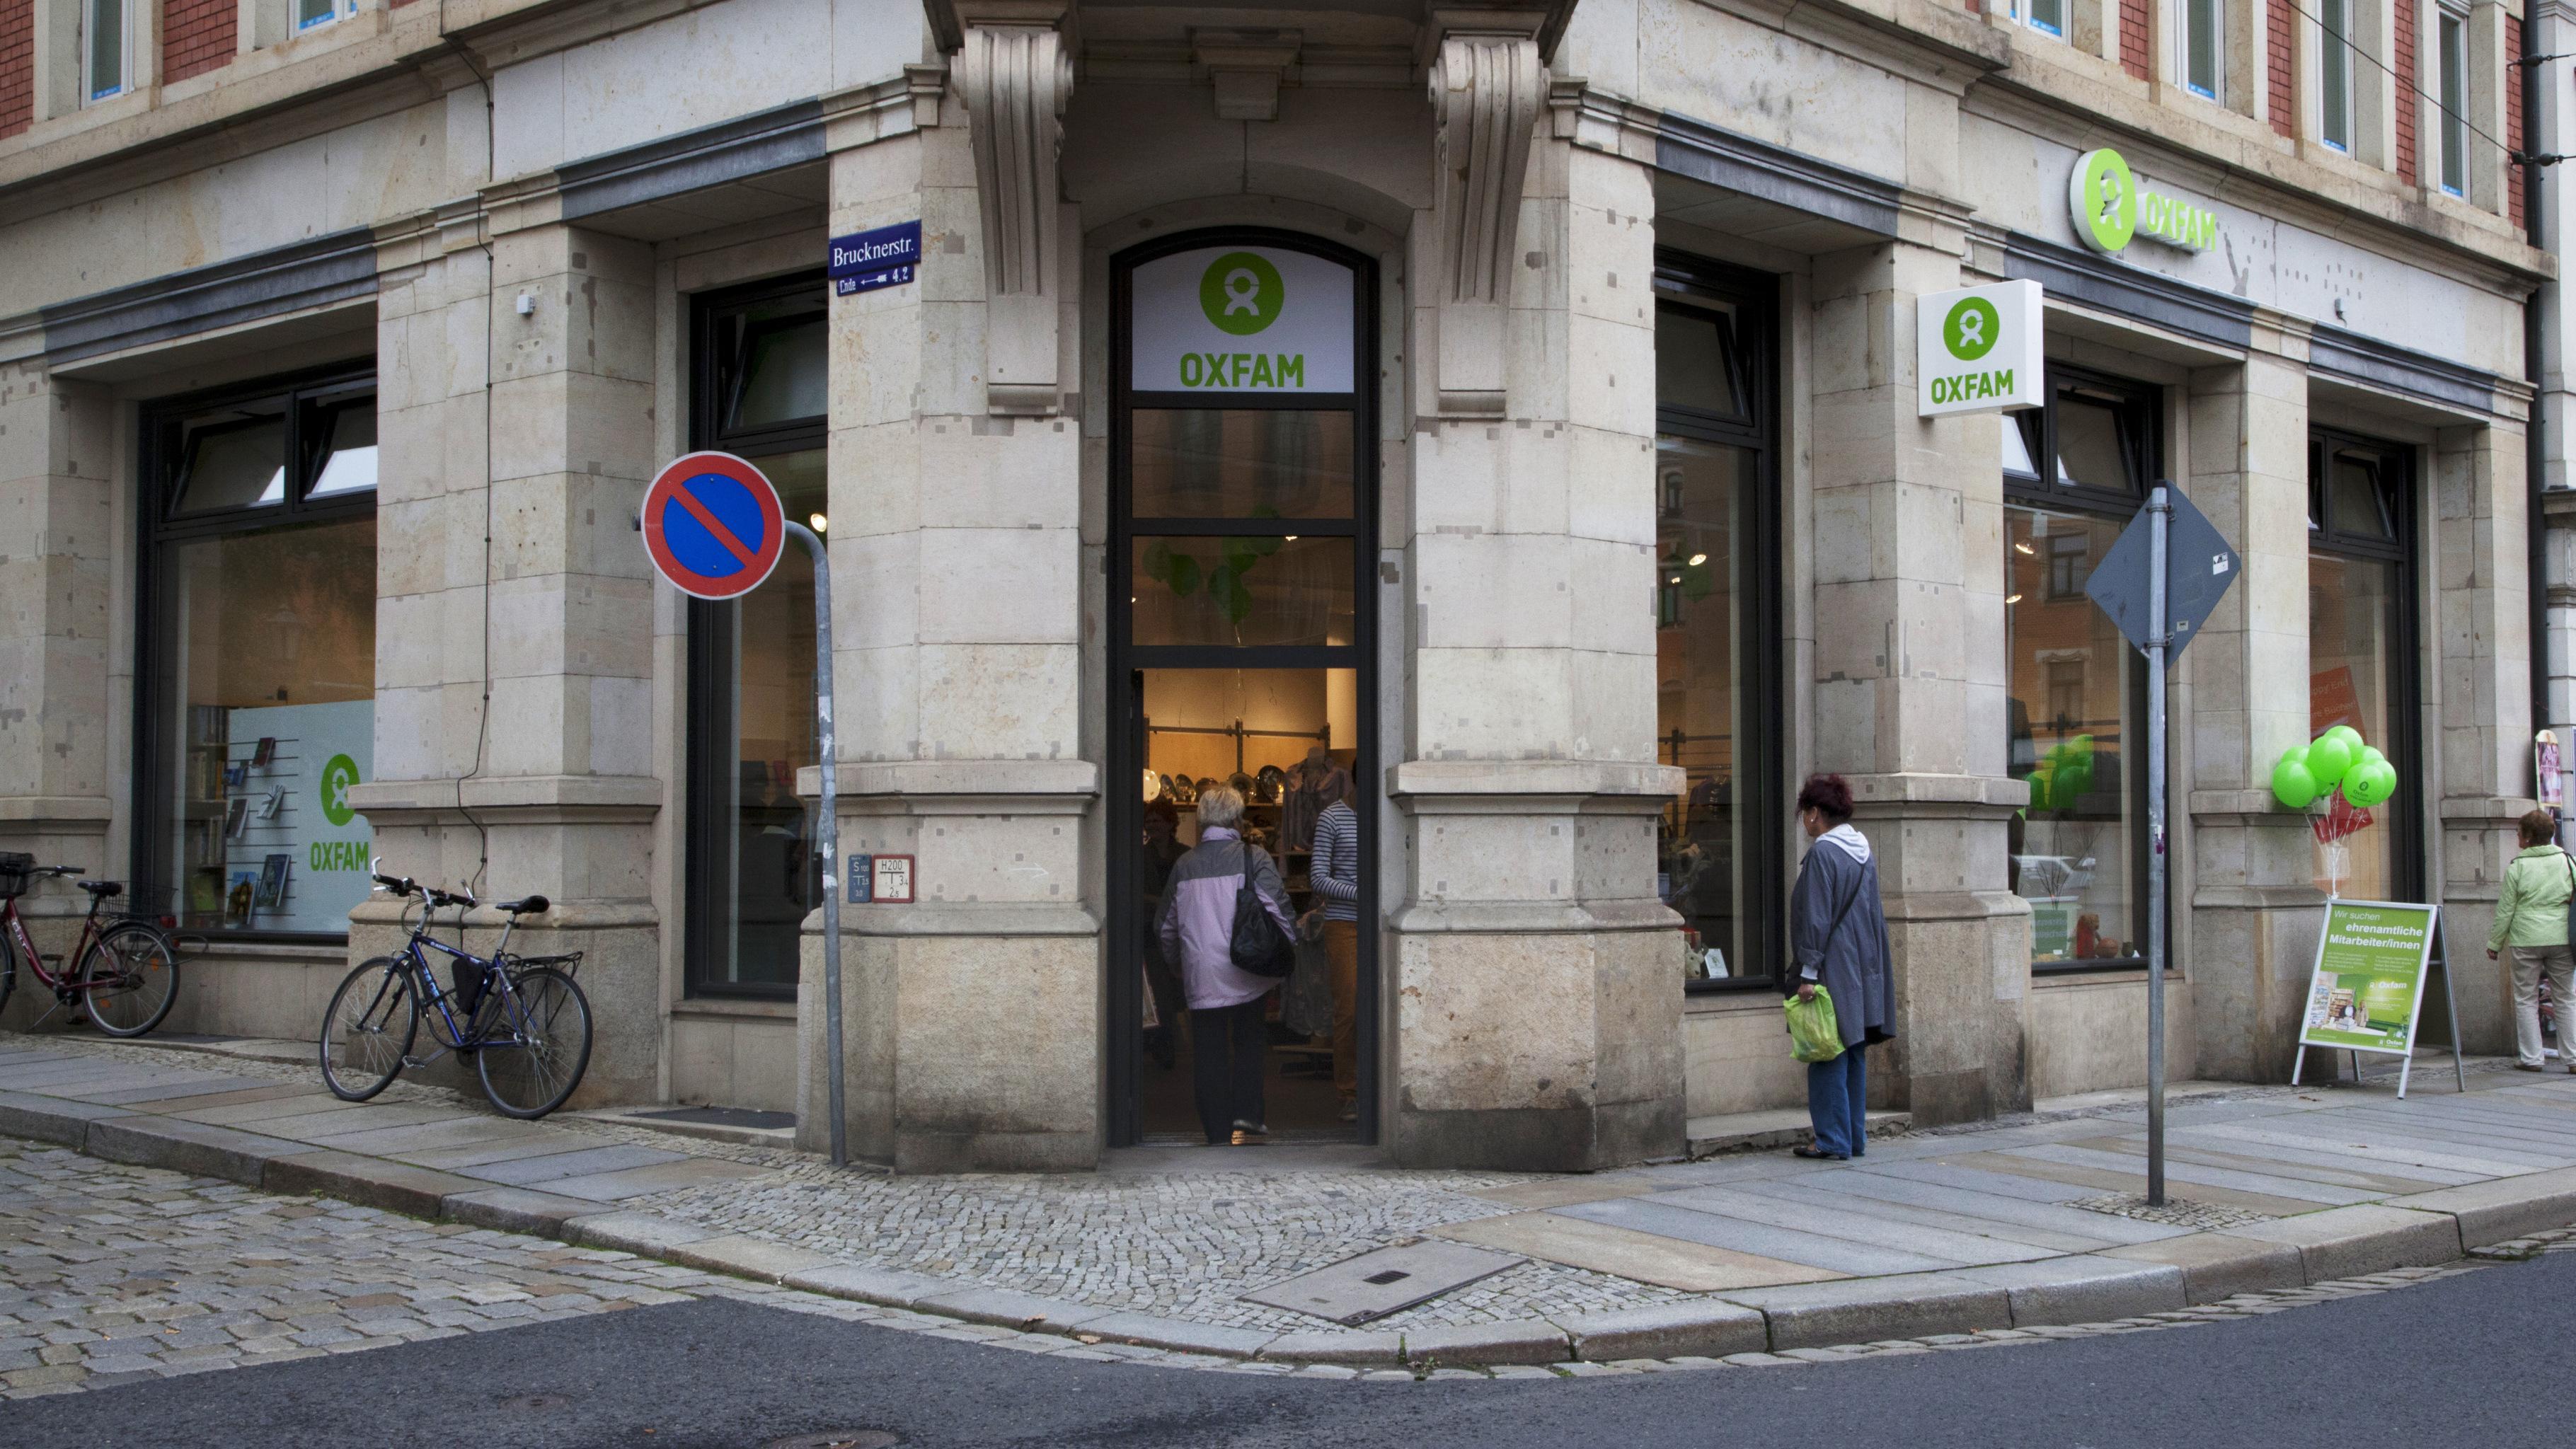 Secondhand kaufen spenden in dresden oxfam shop for Oxfam spenden